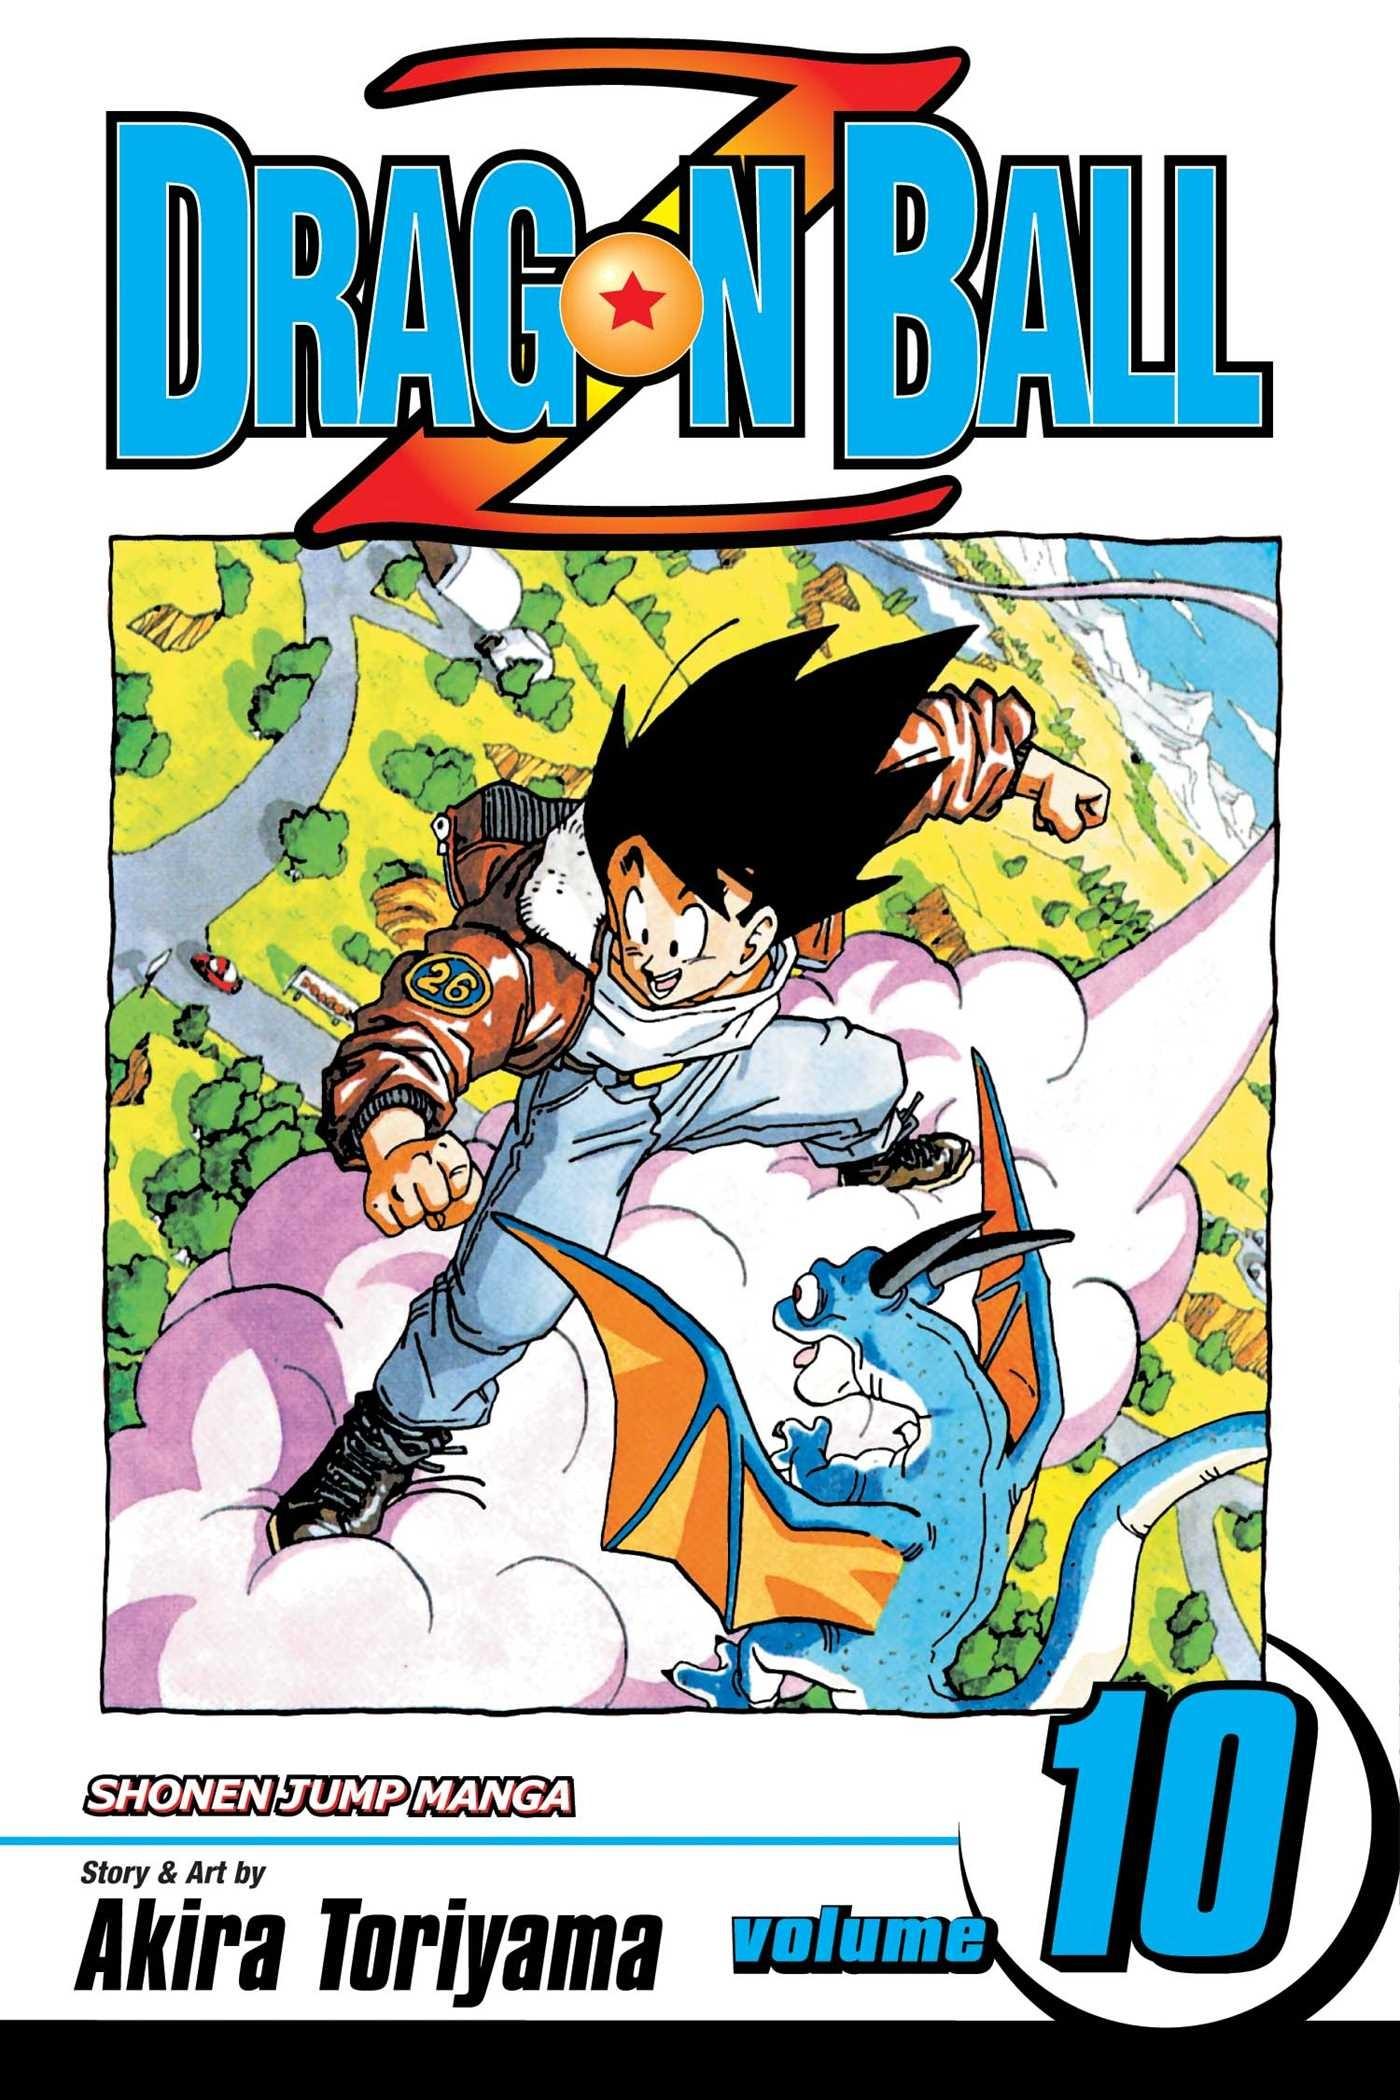 Dragon Ball Z, Vol. 10 by Akira Toriyama